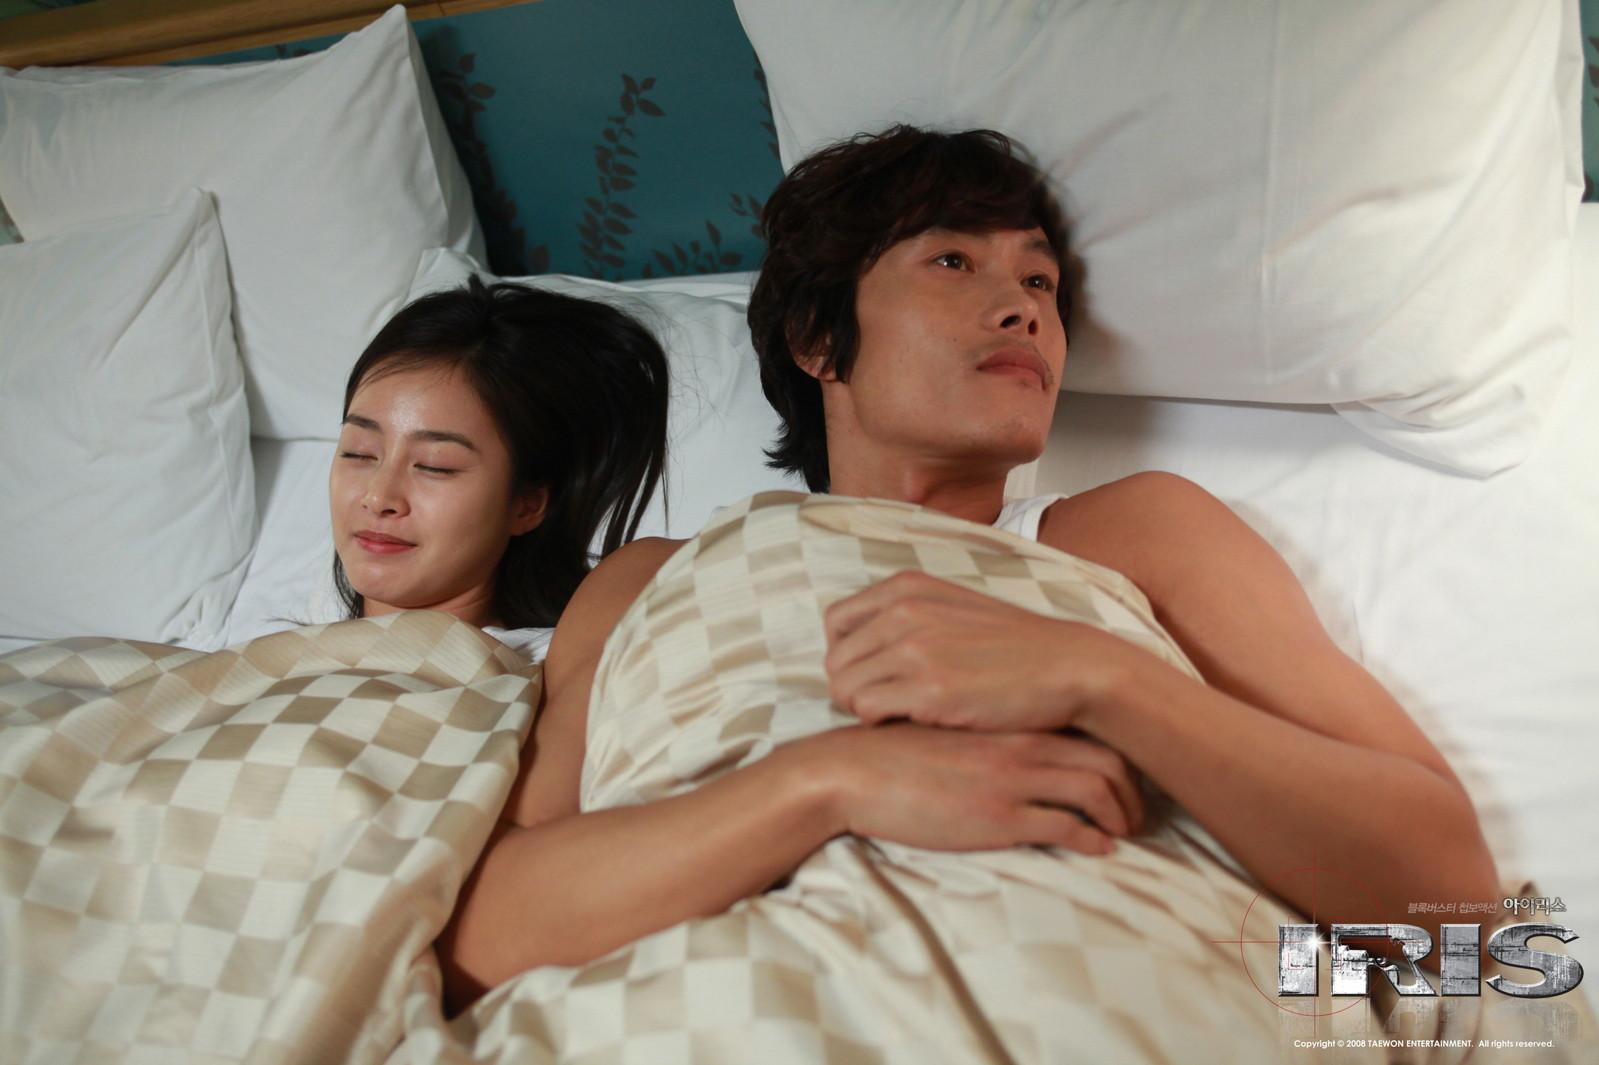 韩国电影爱情片床片 - 裕安图片网